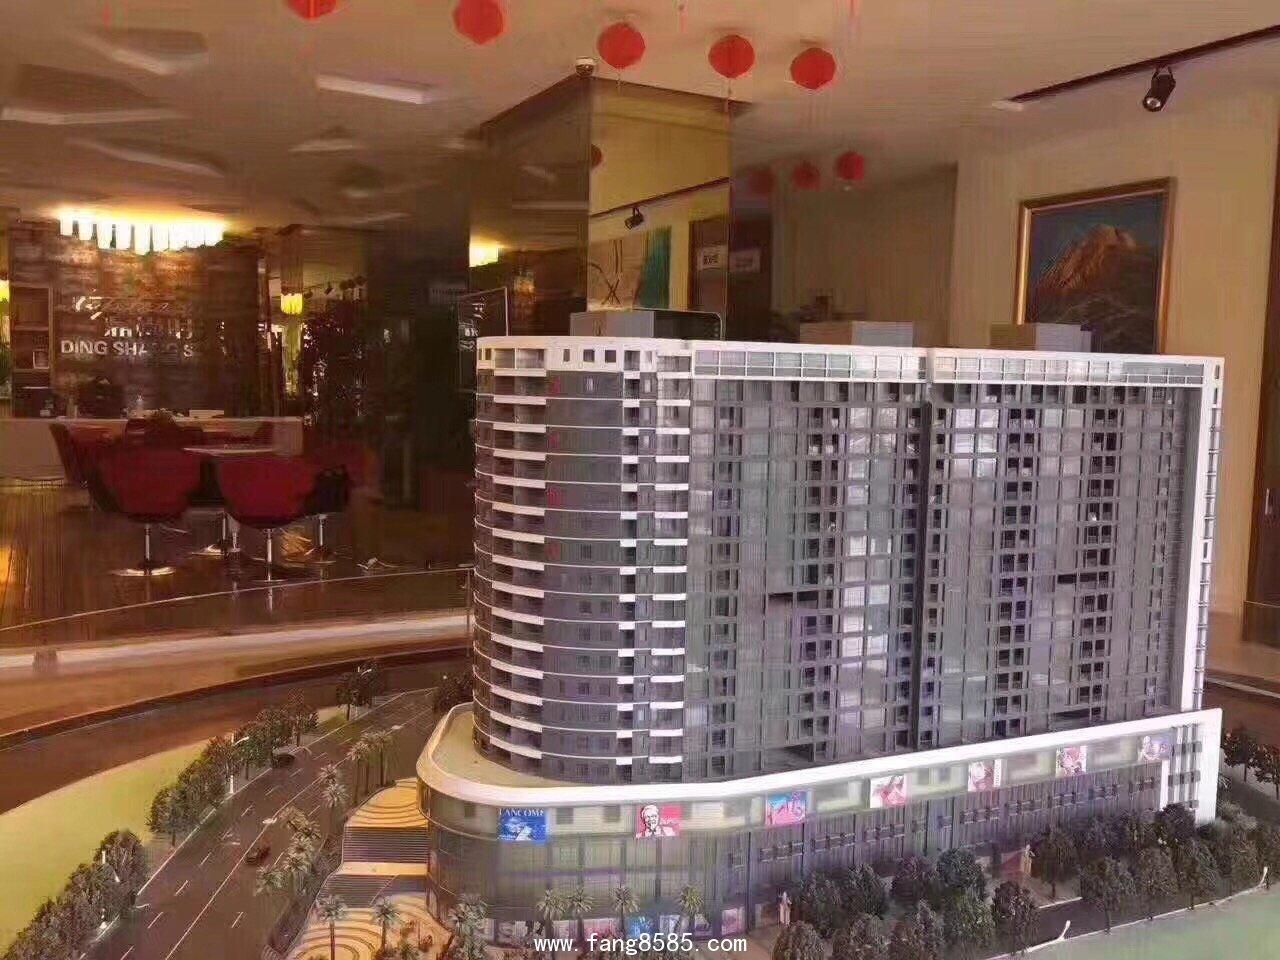 西乡固戍地铁口大红本(鼎尚花园)整栋红本 680户 合围式花园小区#